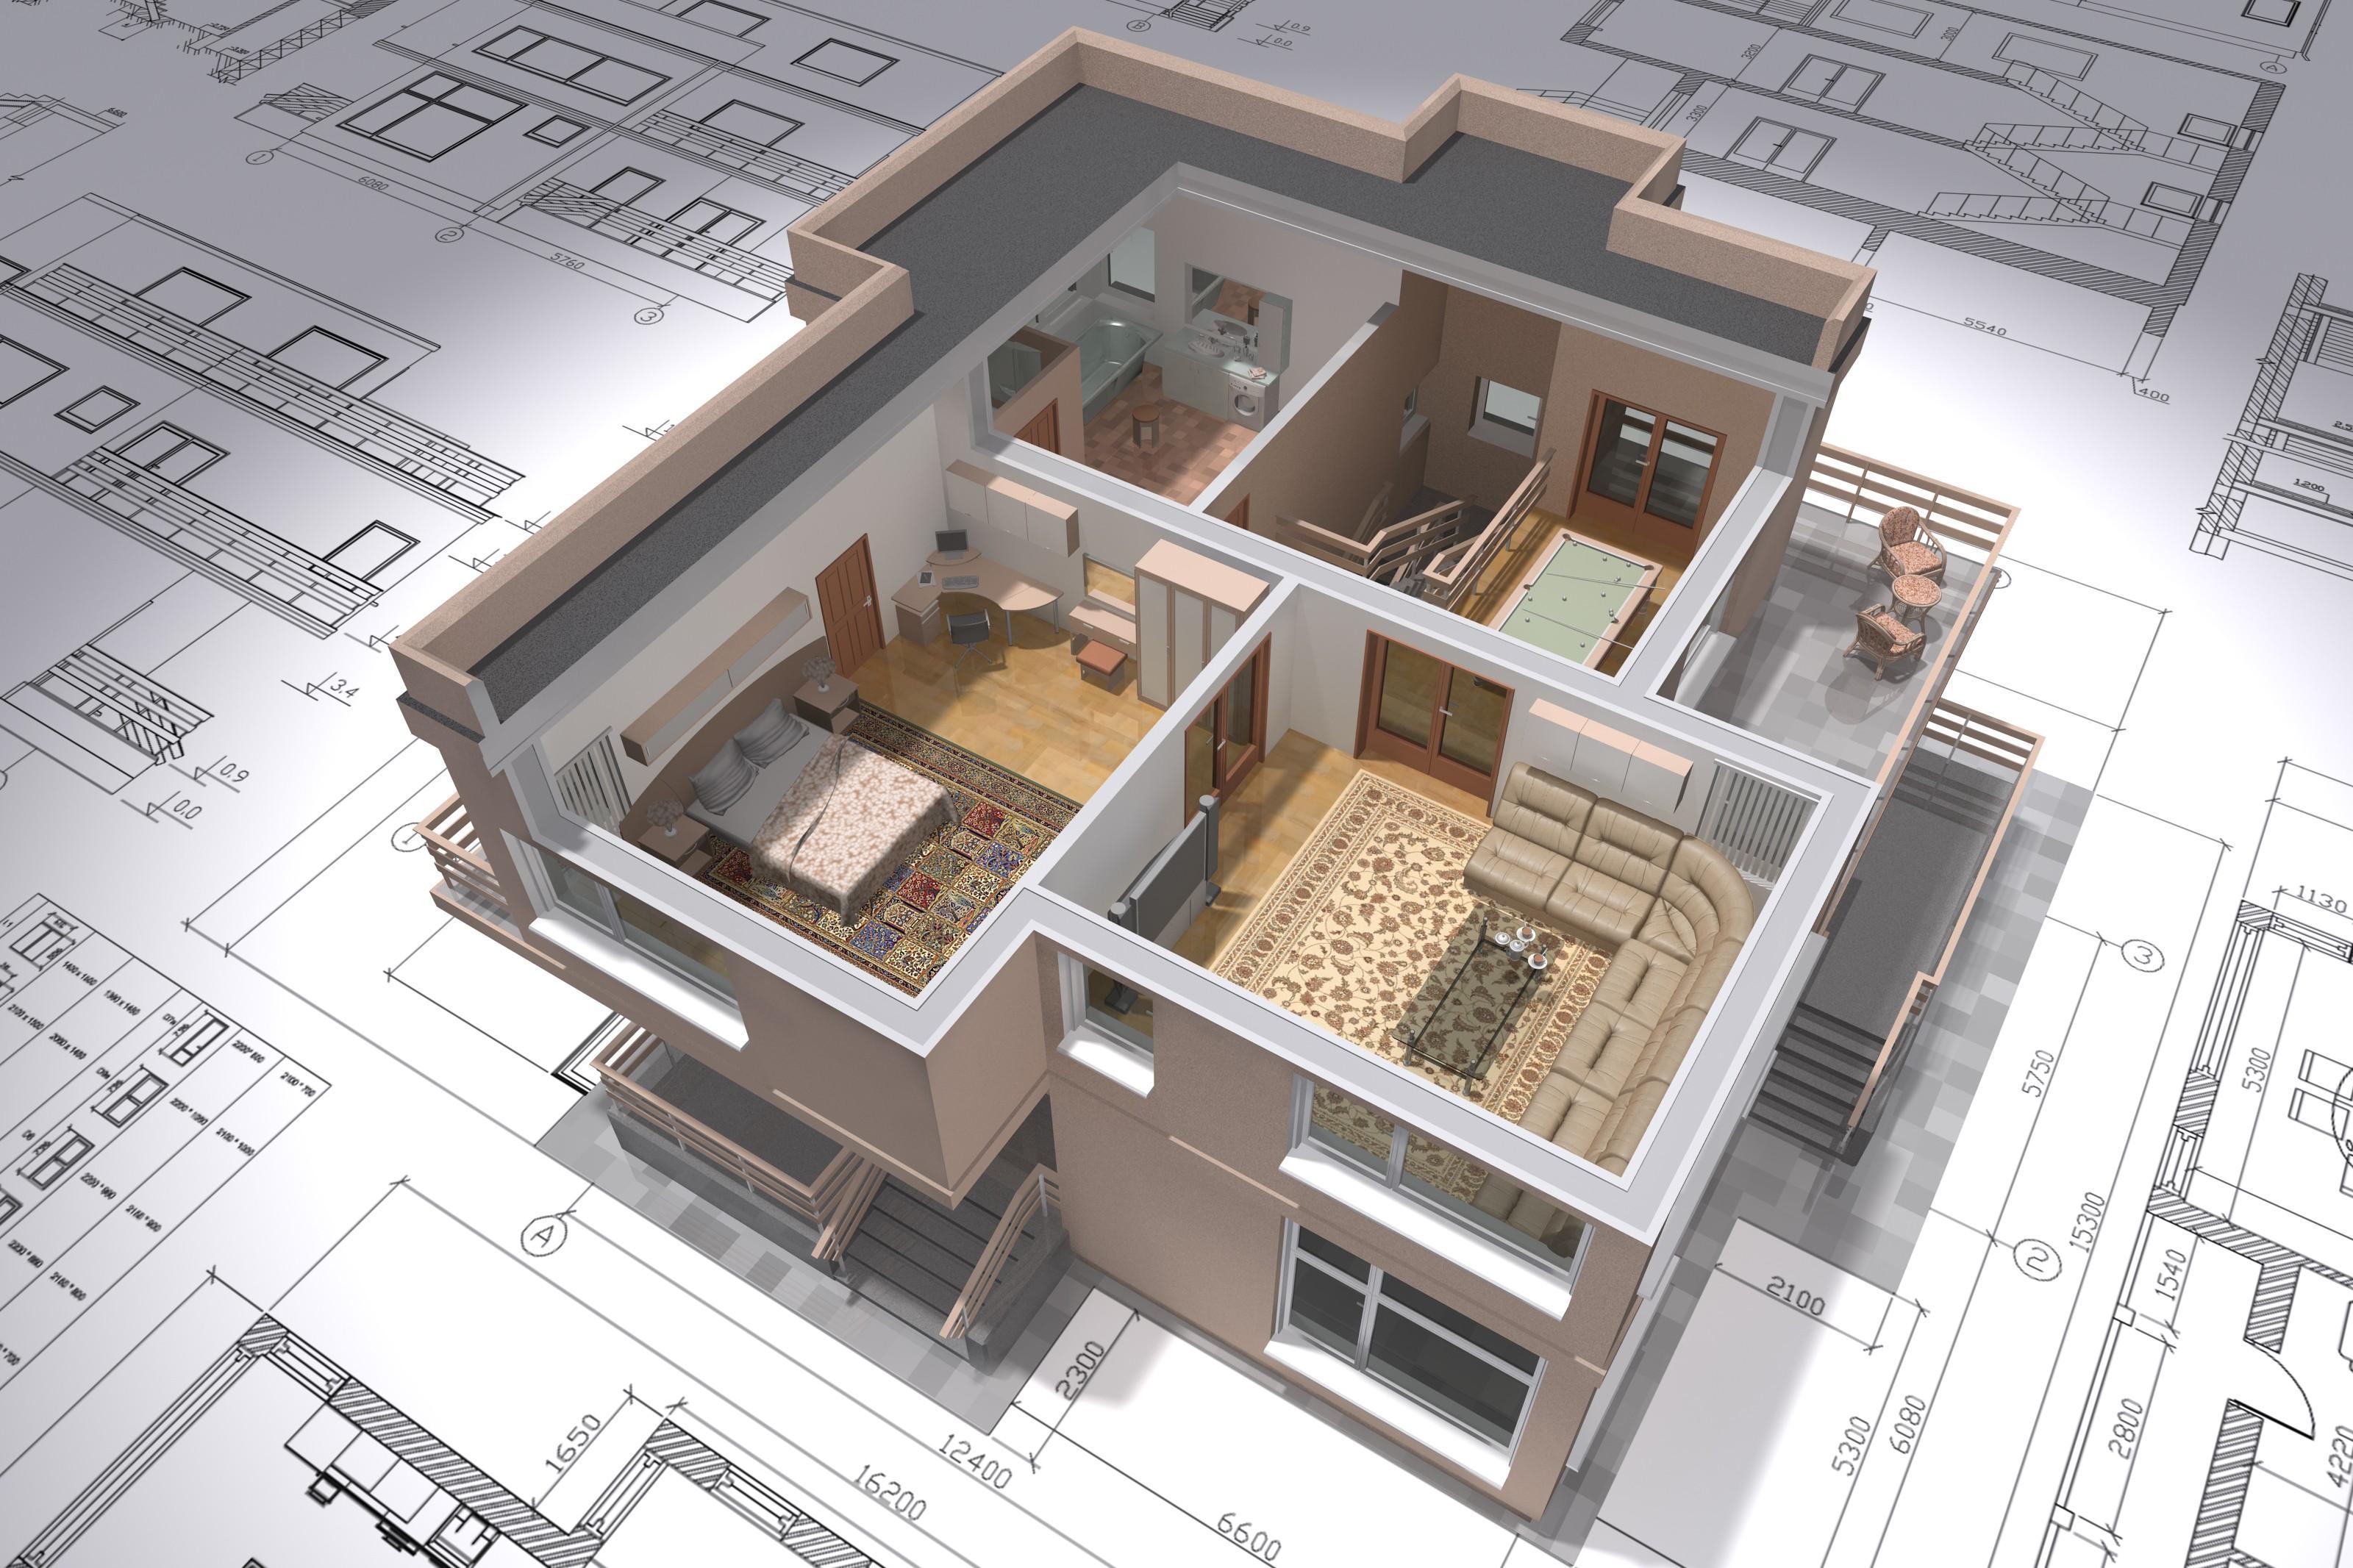 progettazione-interni-napoli-varriale-interior-design